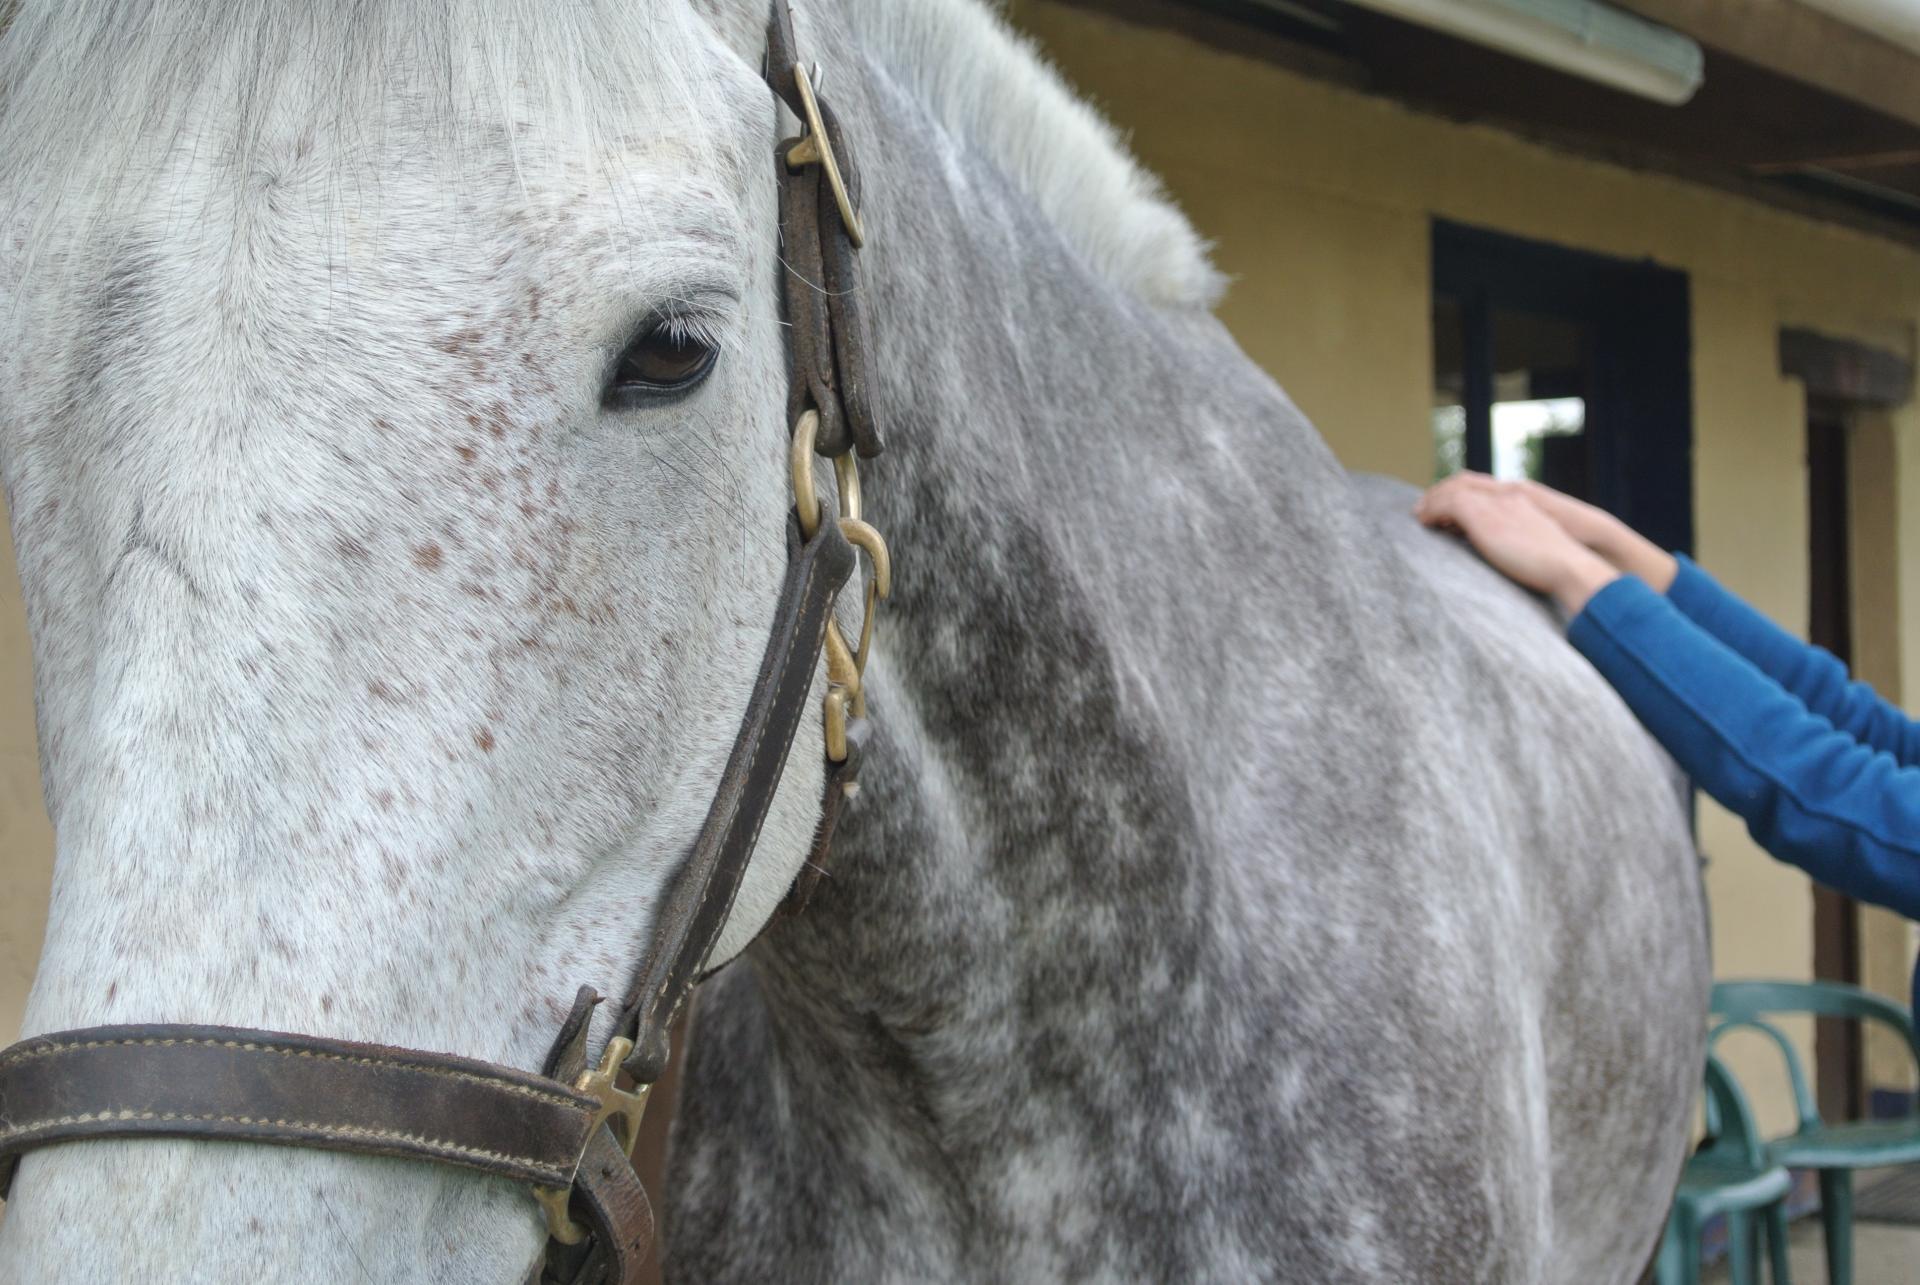 Emeline-moutiez-horsecare-algothérapie-massothérapie-shiatsu-lisieux-normandie-ile-de-france-massage-chevaux-chien-ane (34)